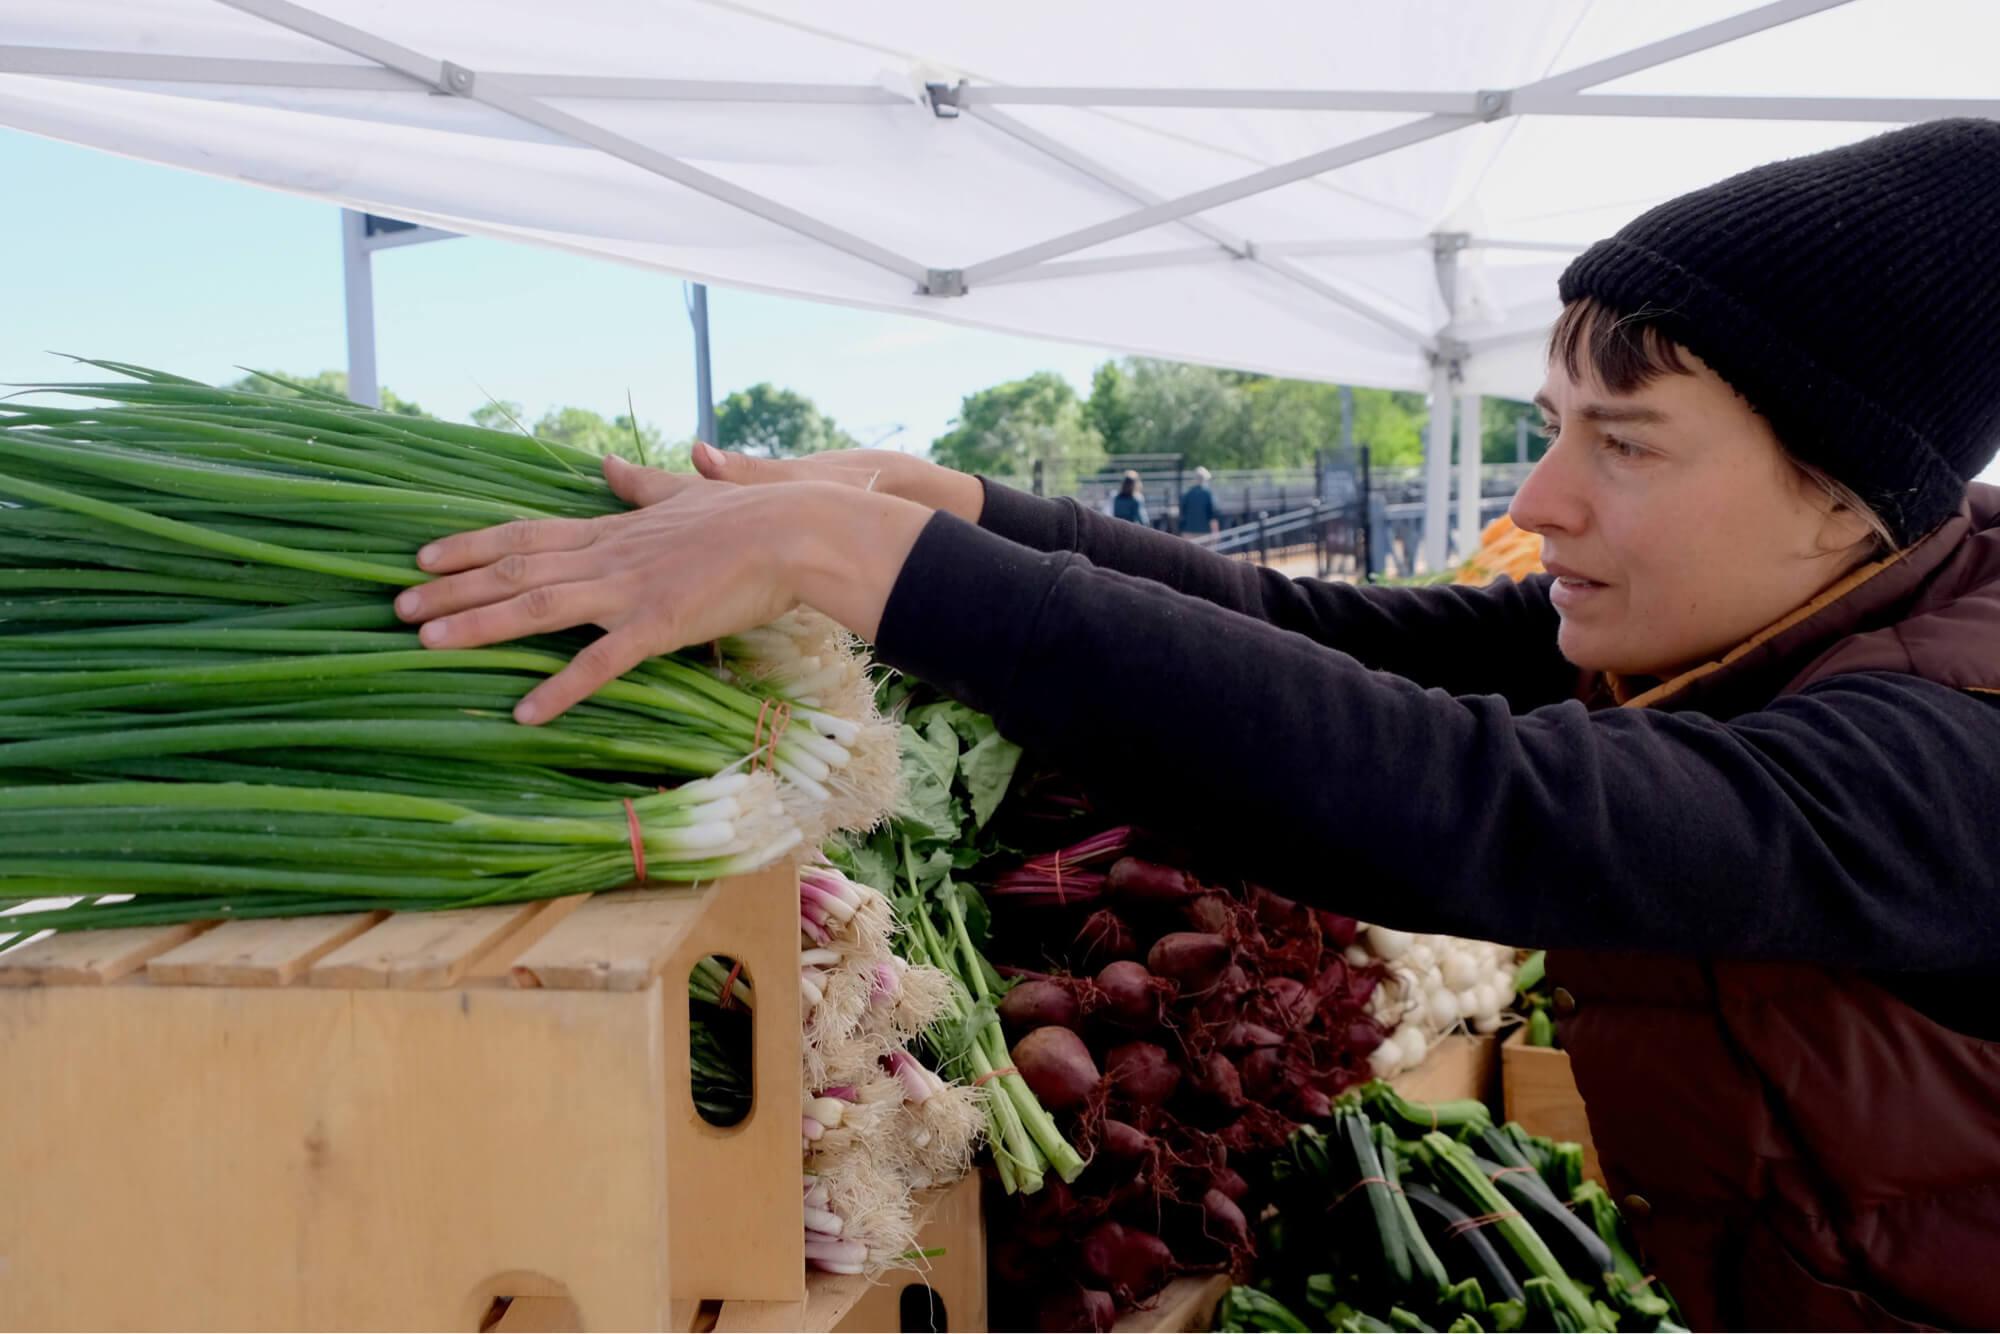 Arriver au marché le printemps avec des légumes primeurs. / Crédit : Caroline Cloutier